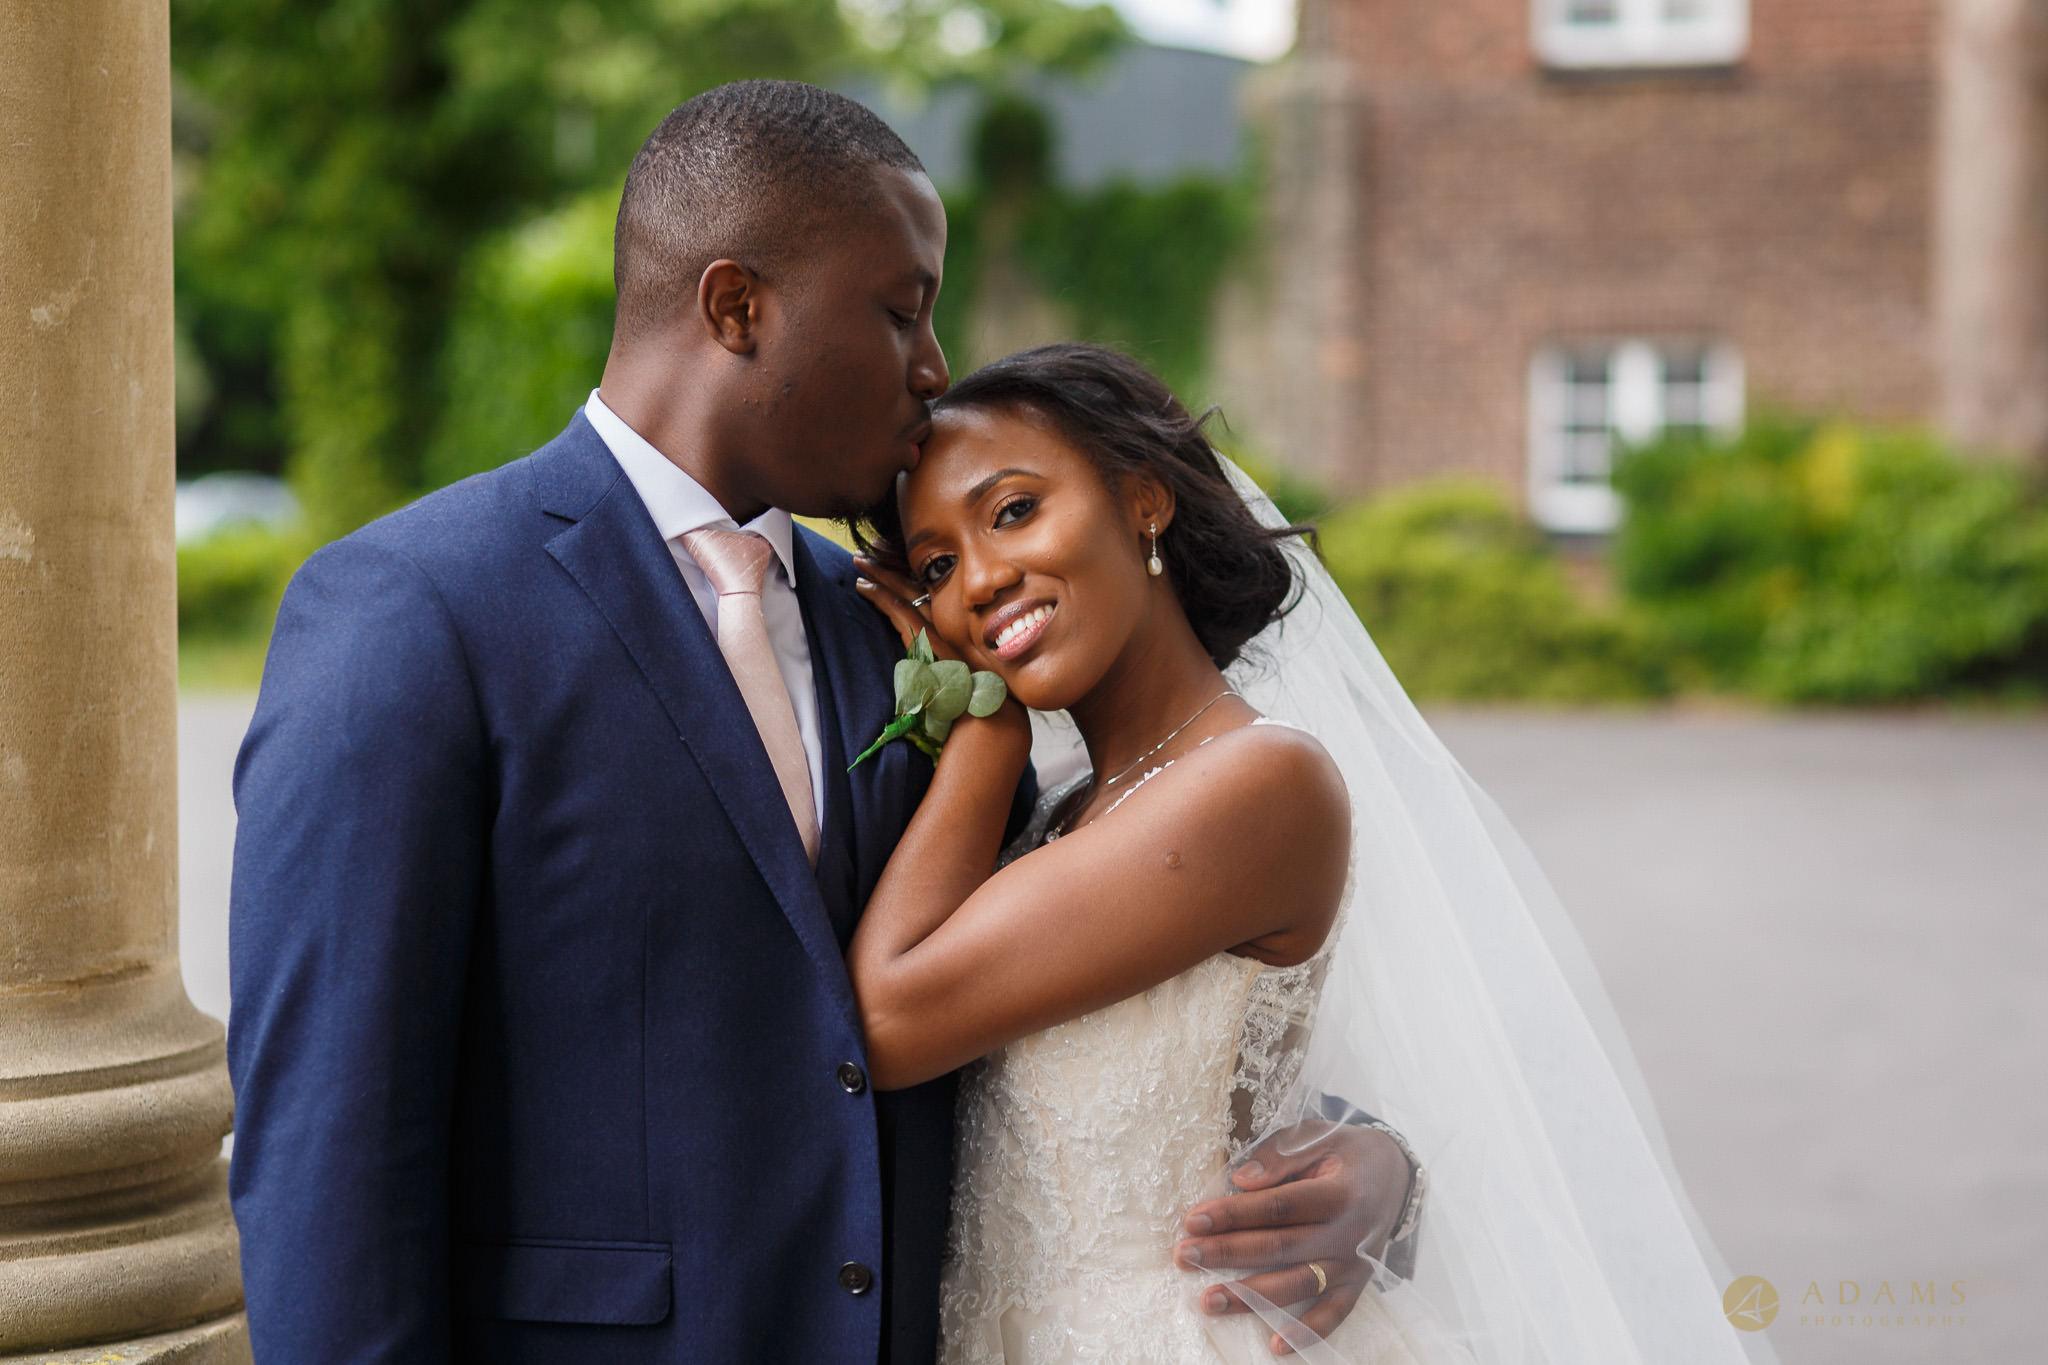 Boreham House wedding photographer newly weds portraits